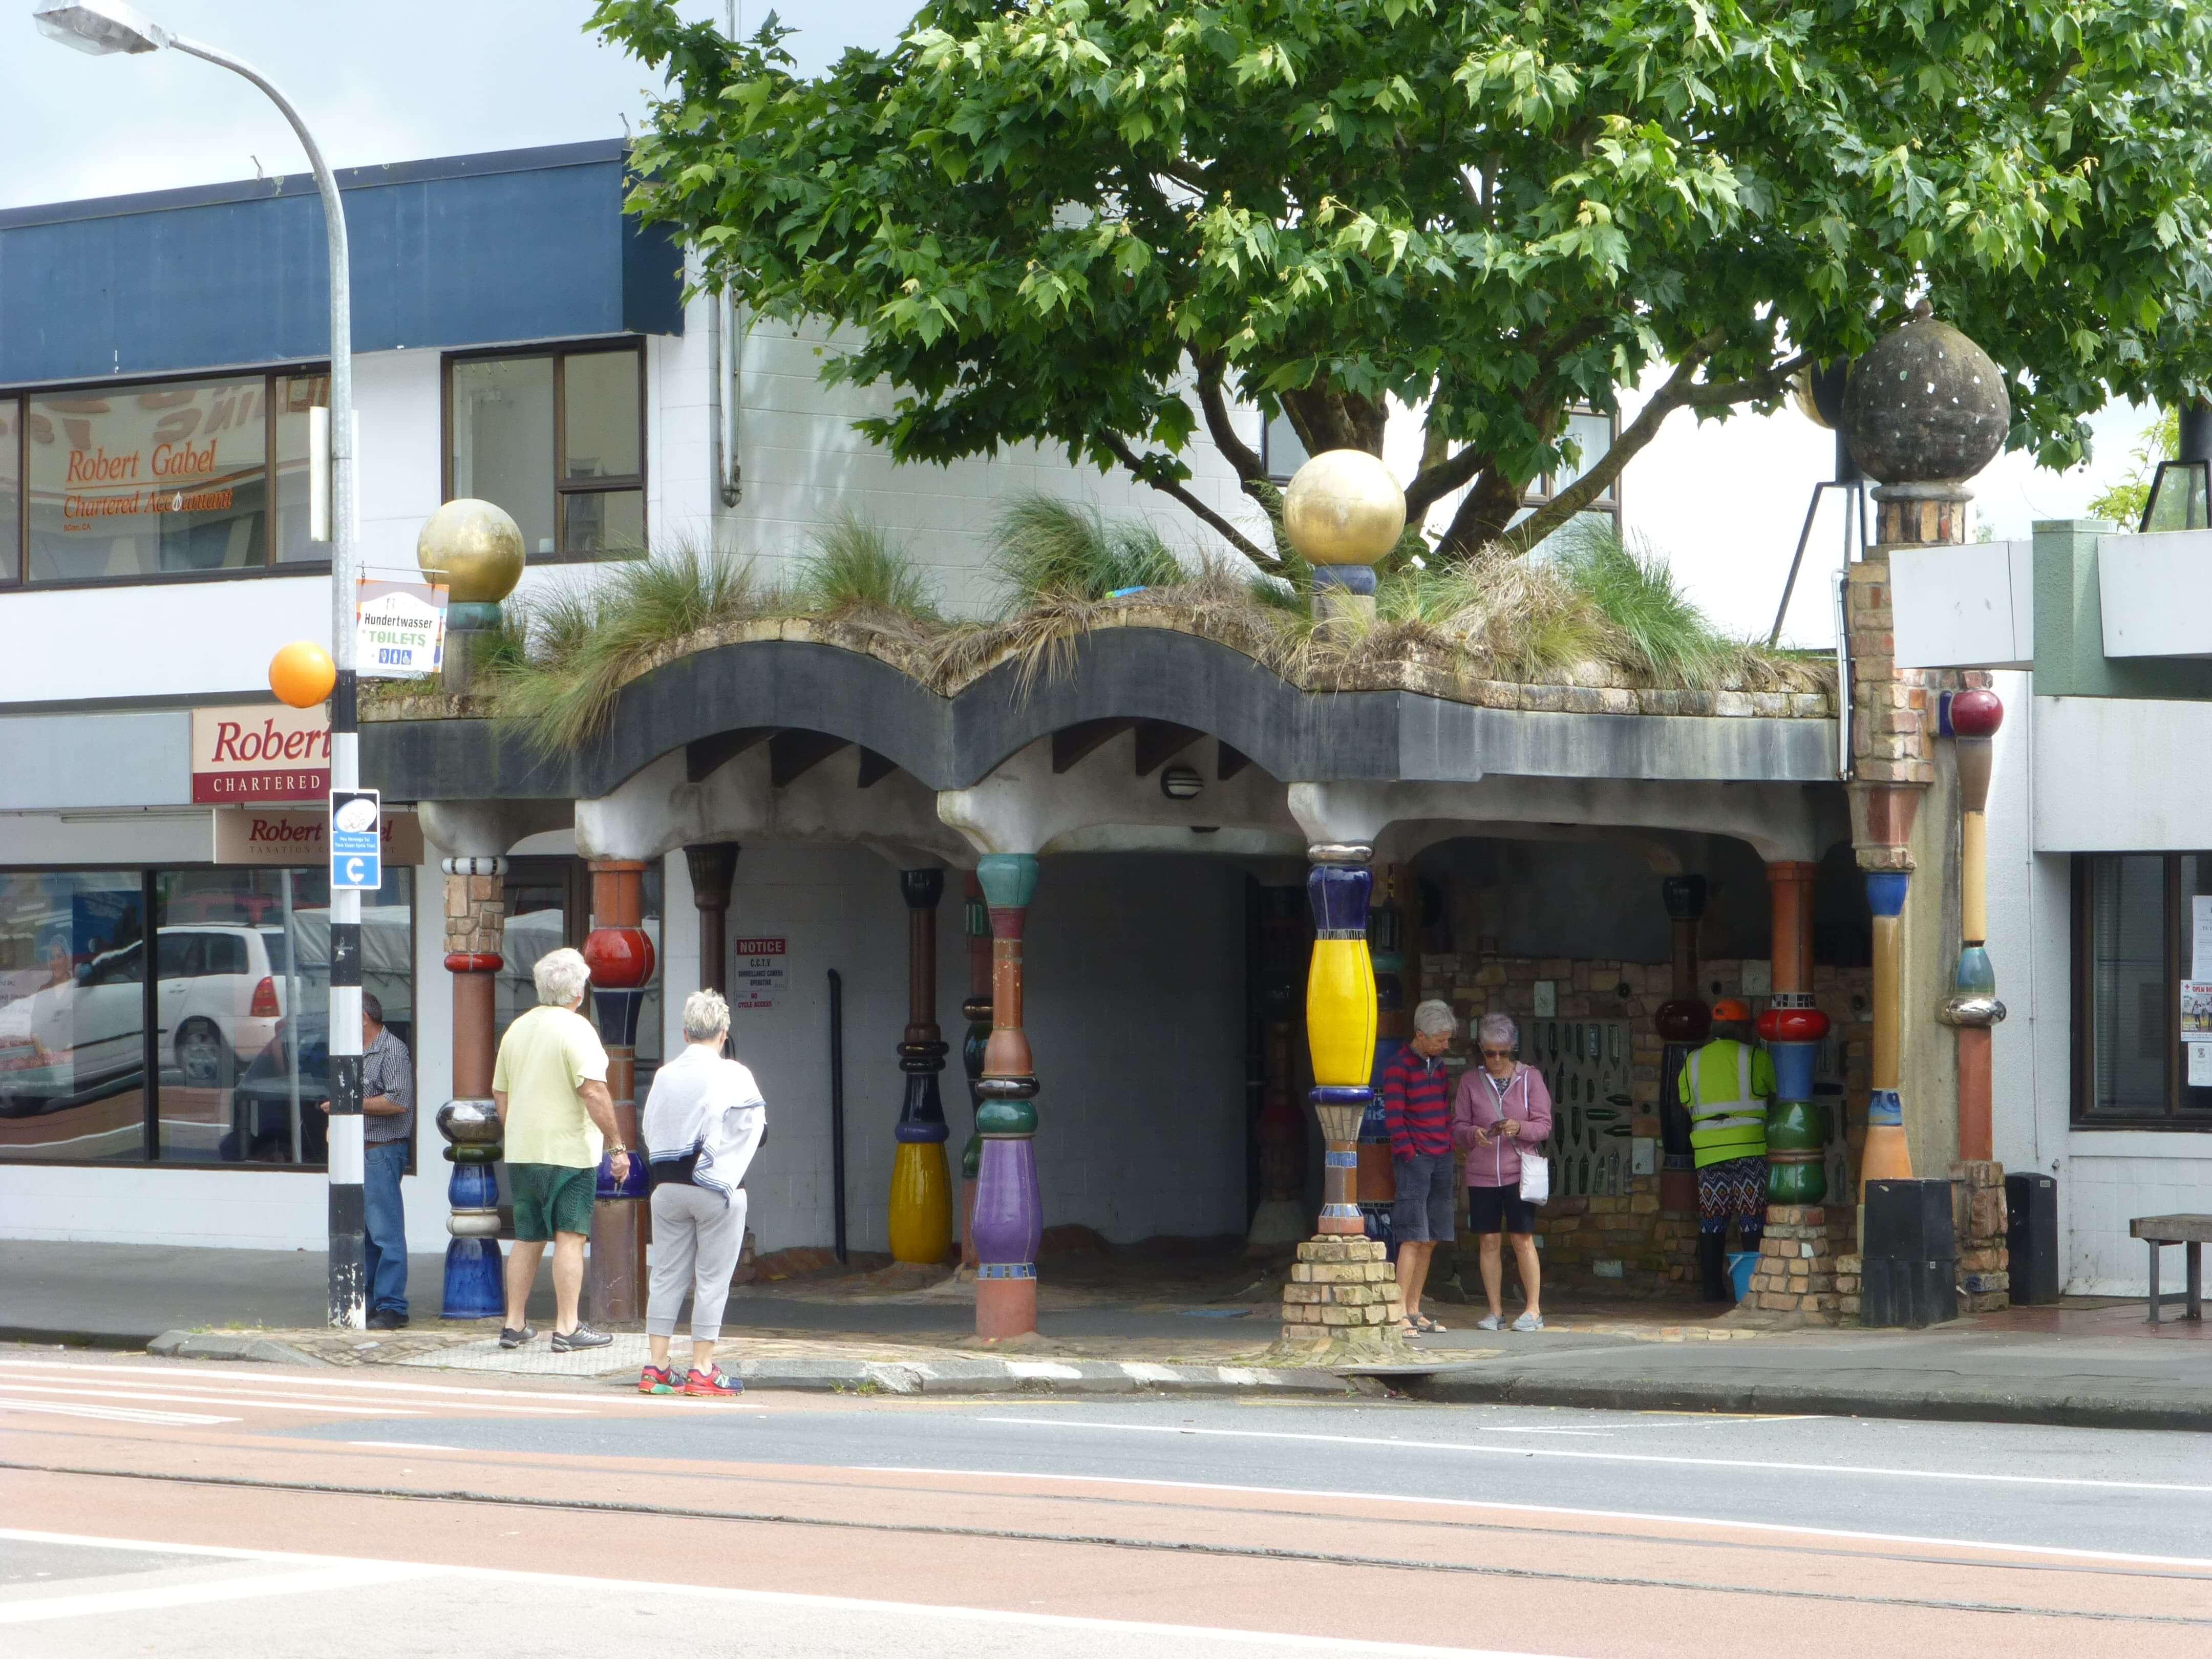 weit-weg.reisen, die Hundertwasser Toilette in Kawakawa 8